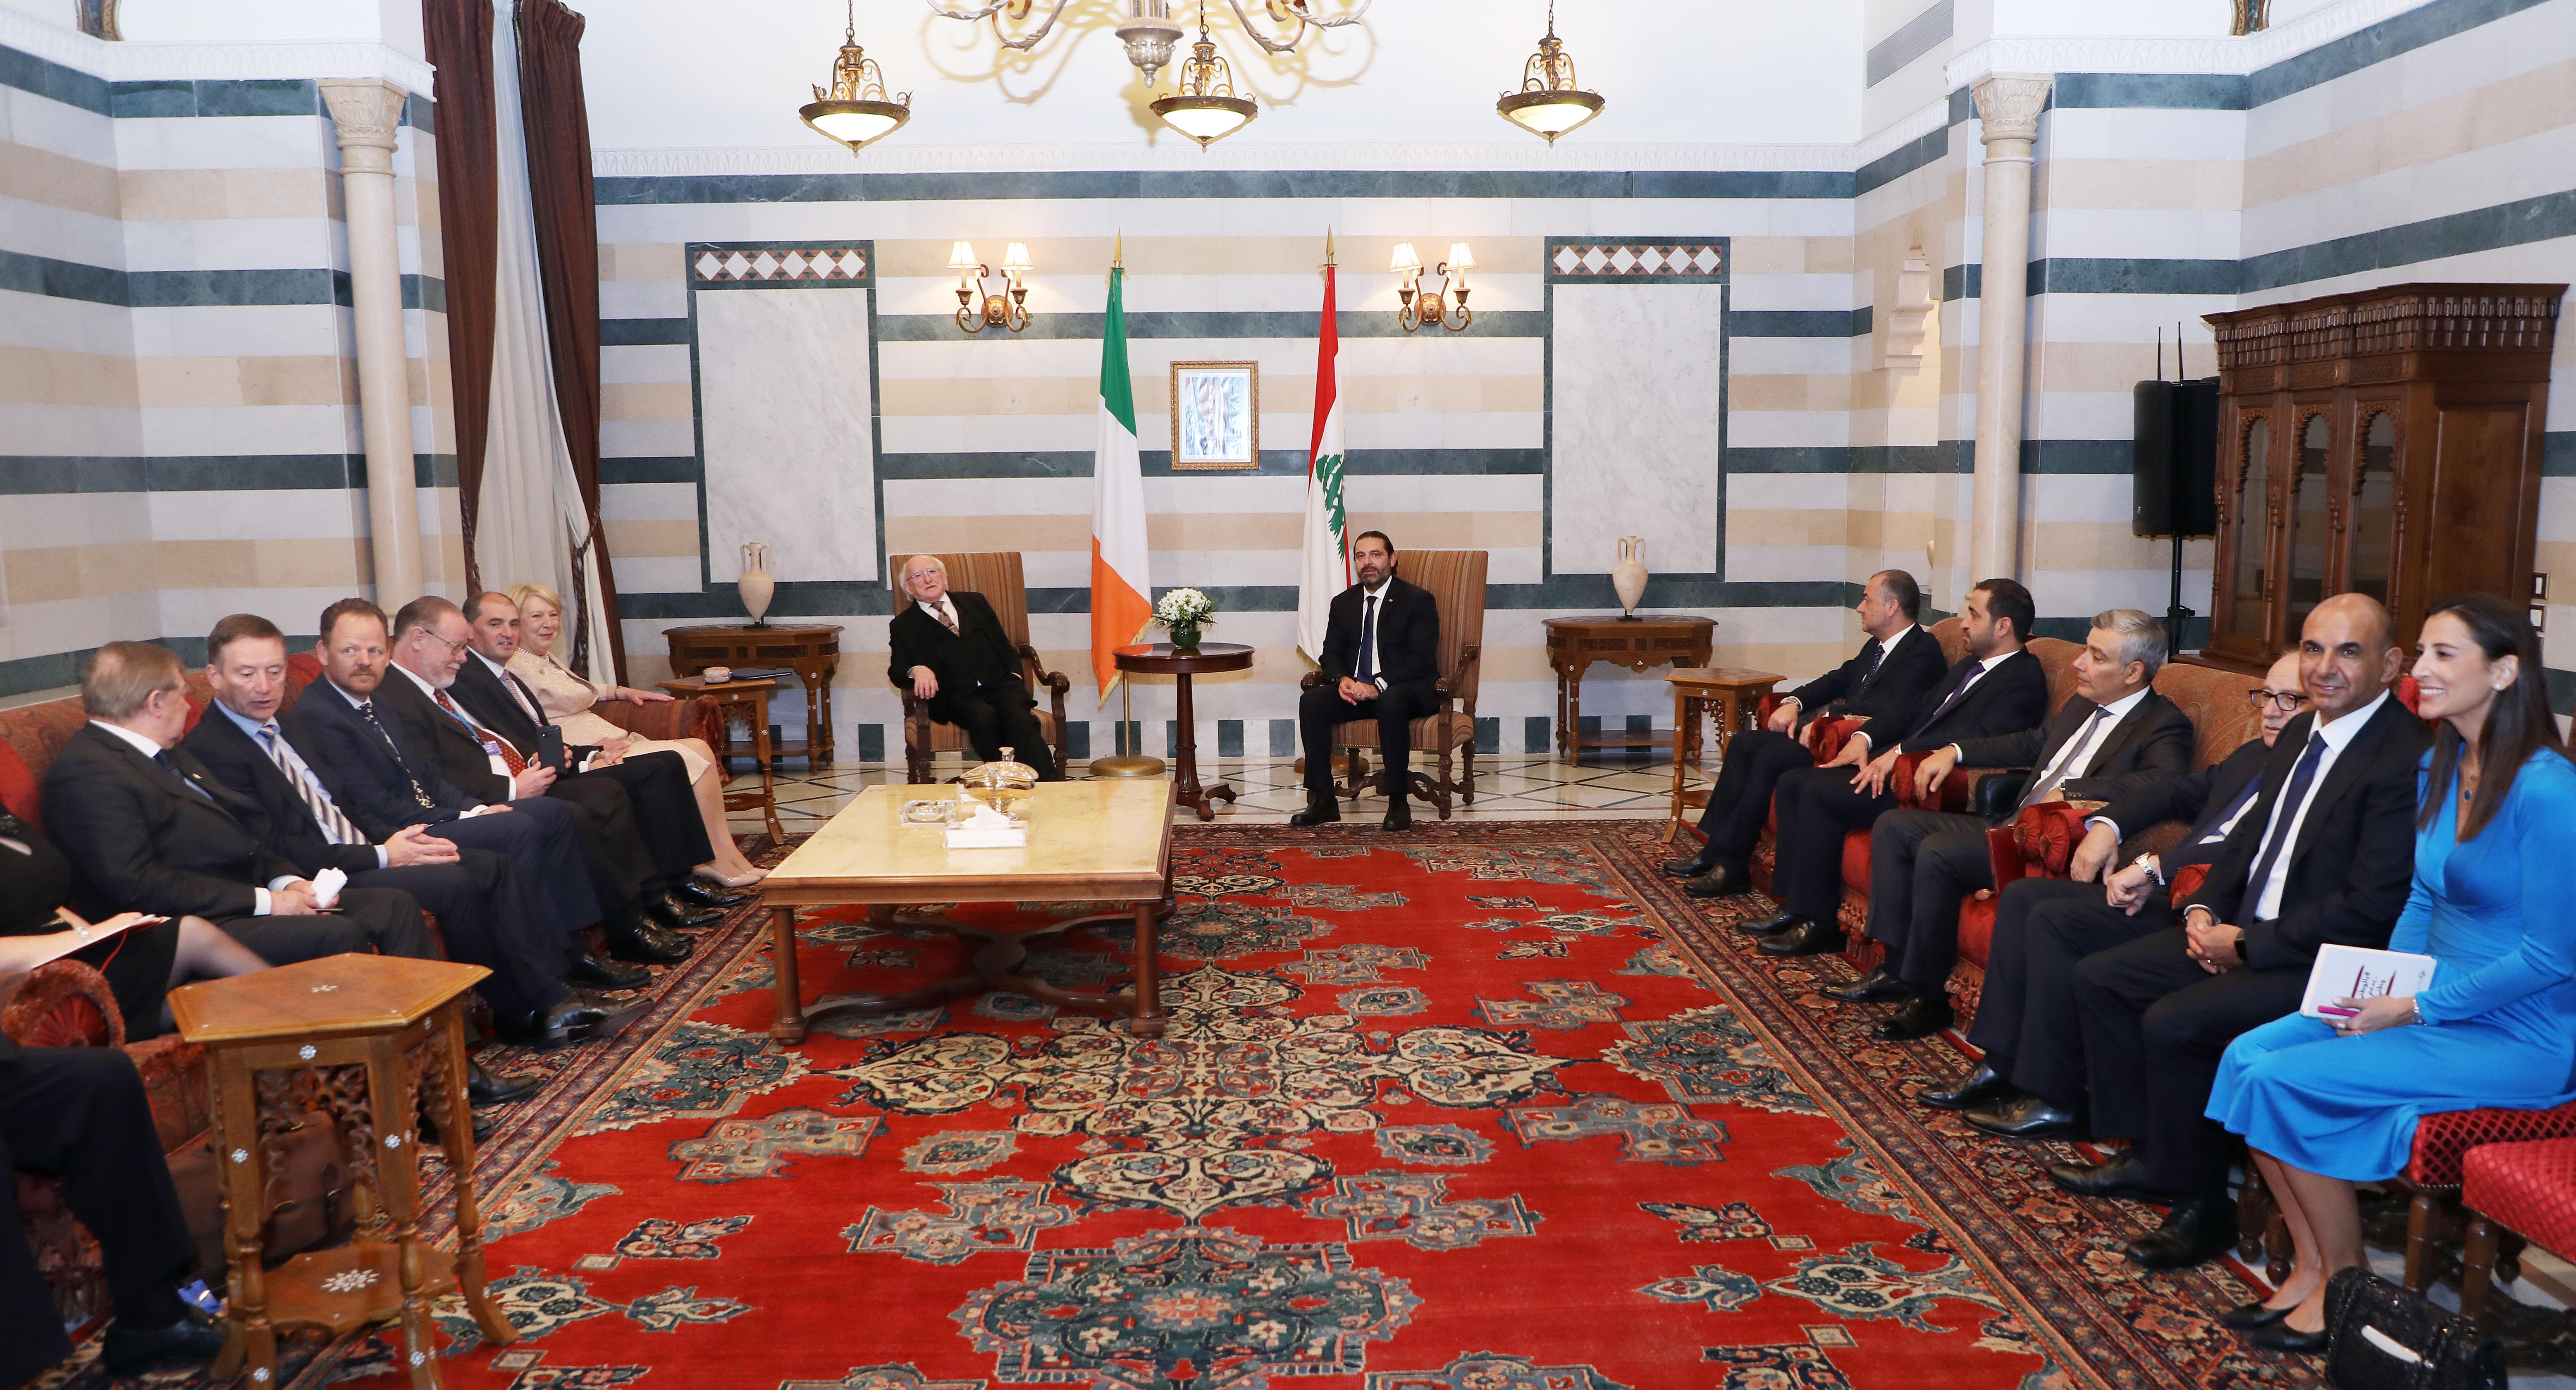 Pr Minister Saad Hariri meets Ireland President